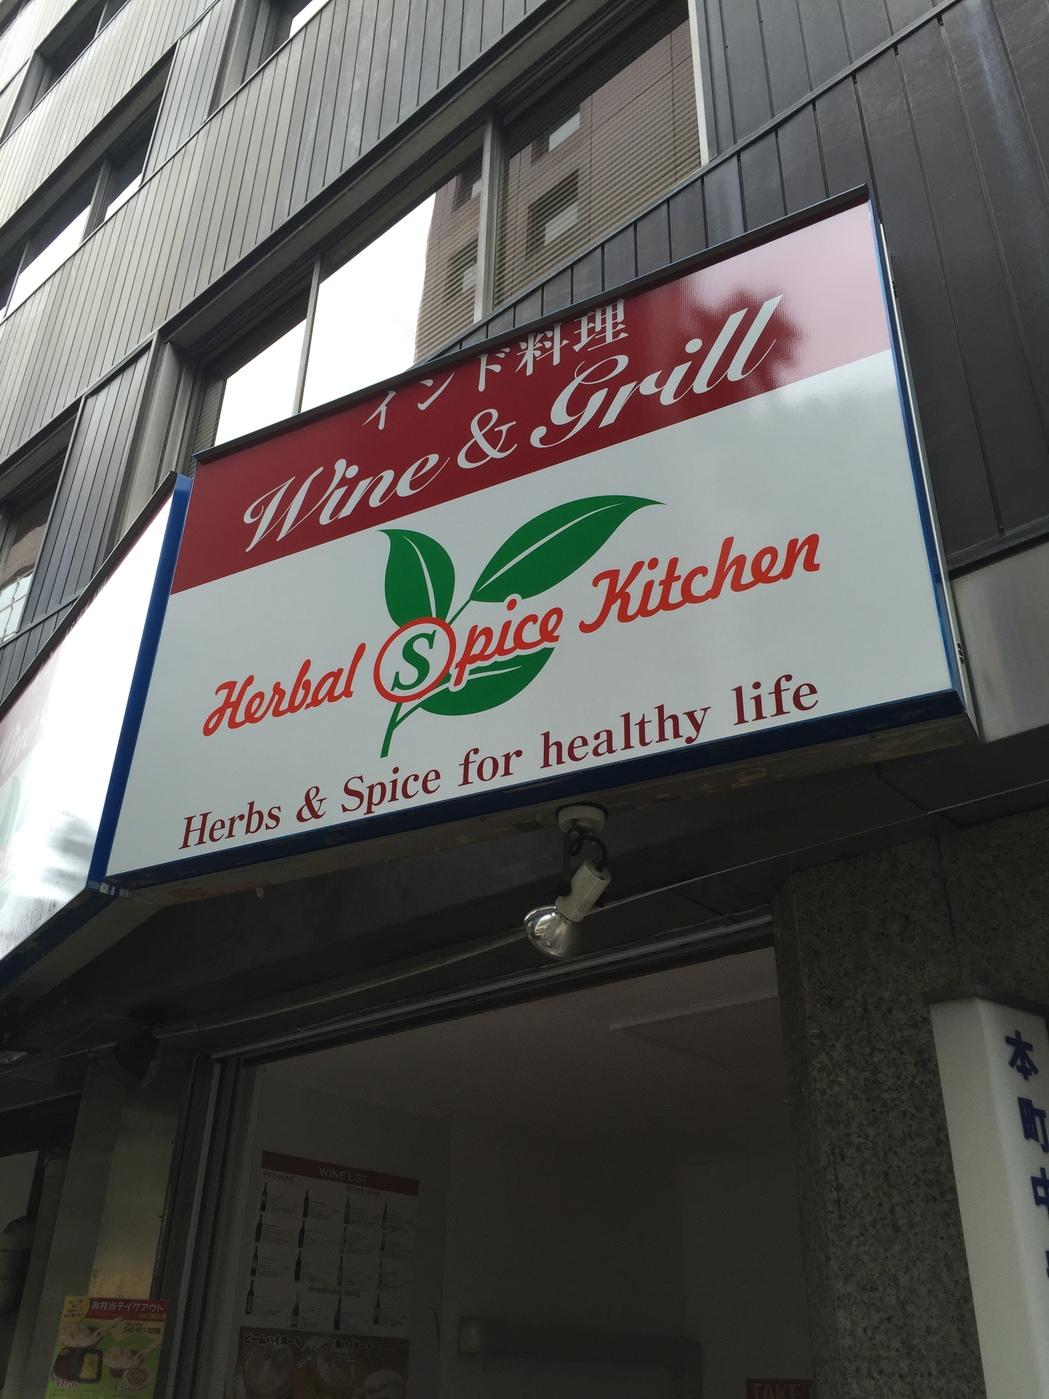 Herbal Spice Kitchen